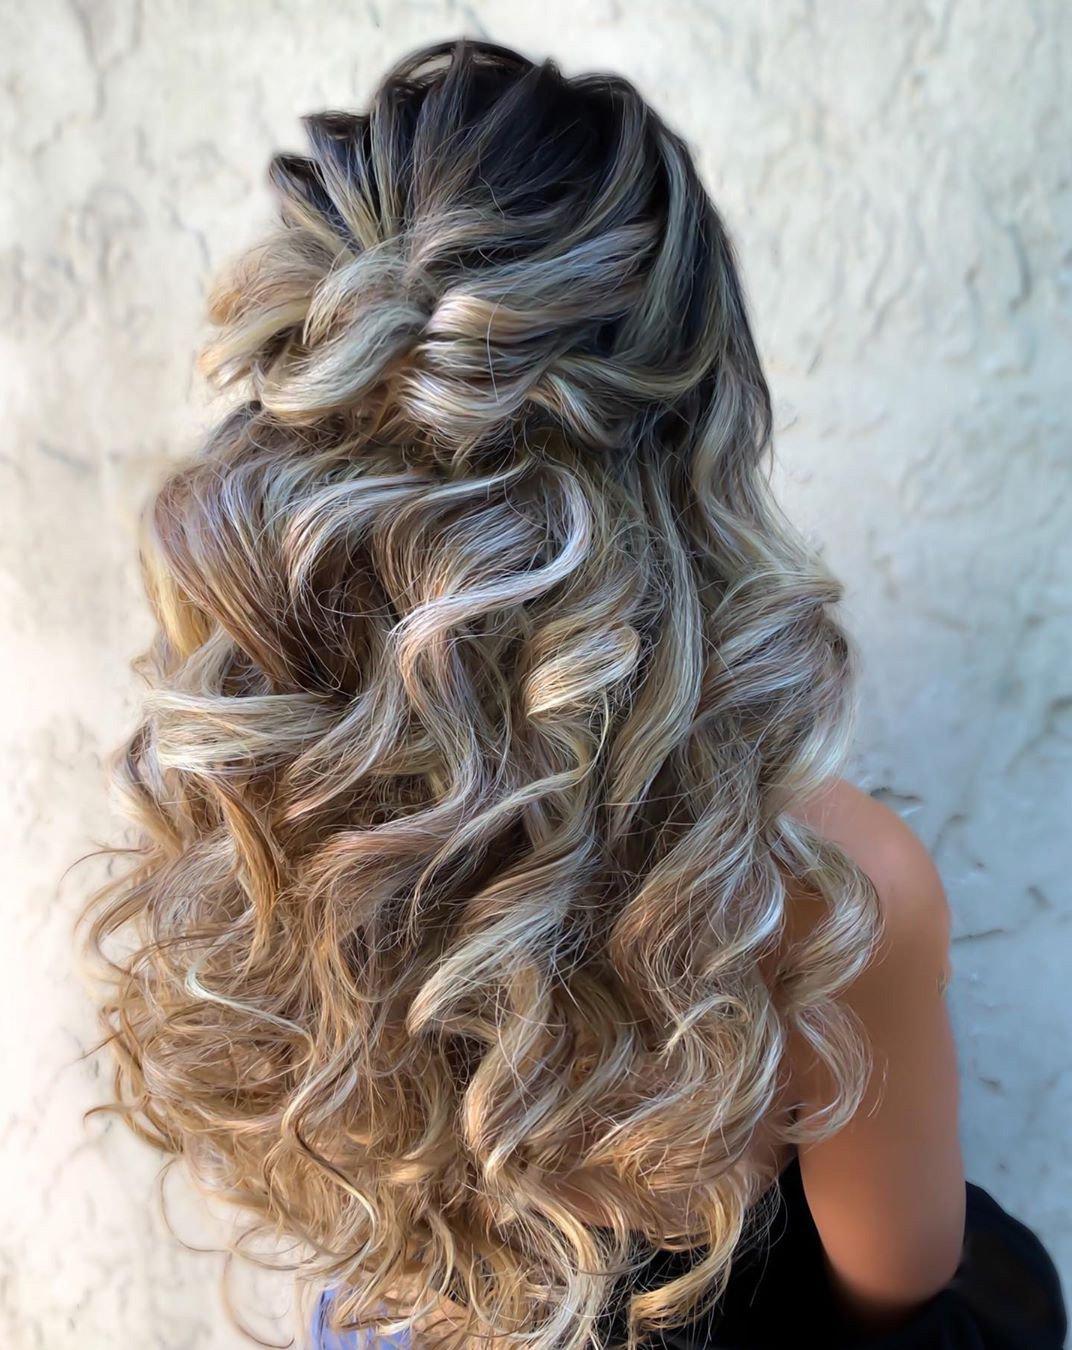 Coiffure de mariage pour cheveux longs.